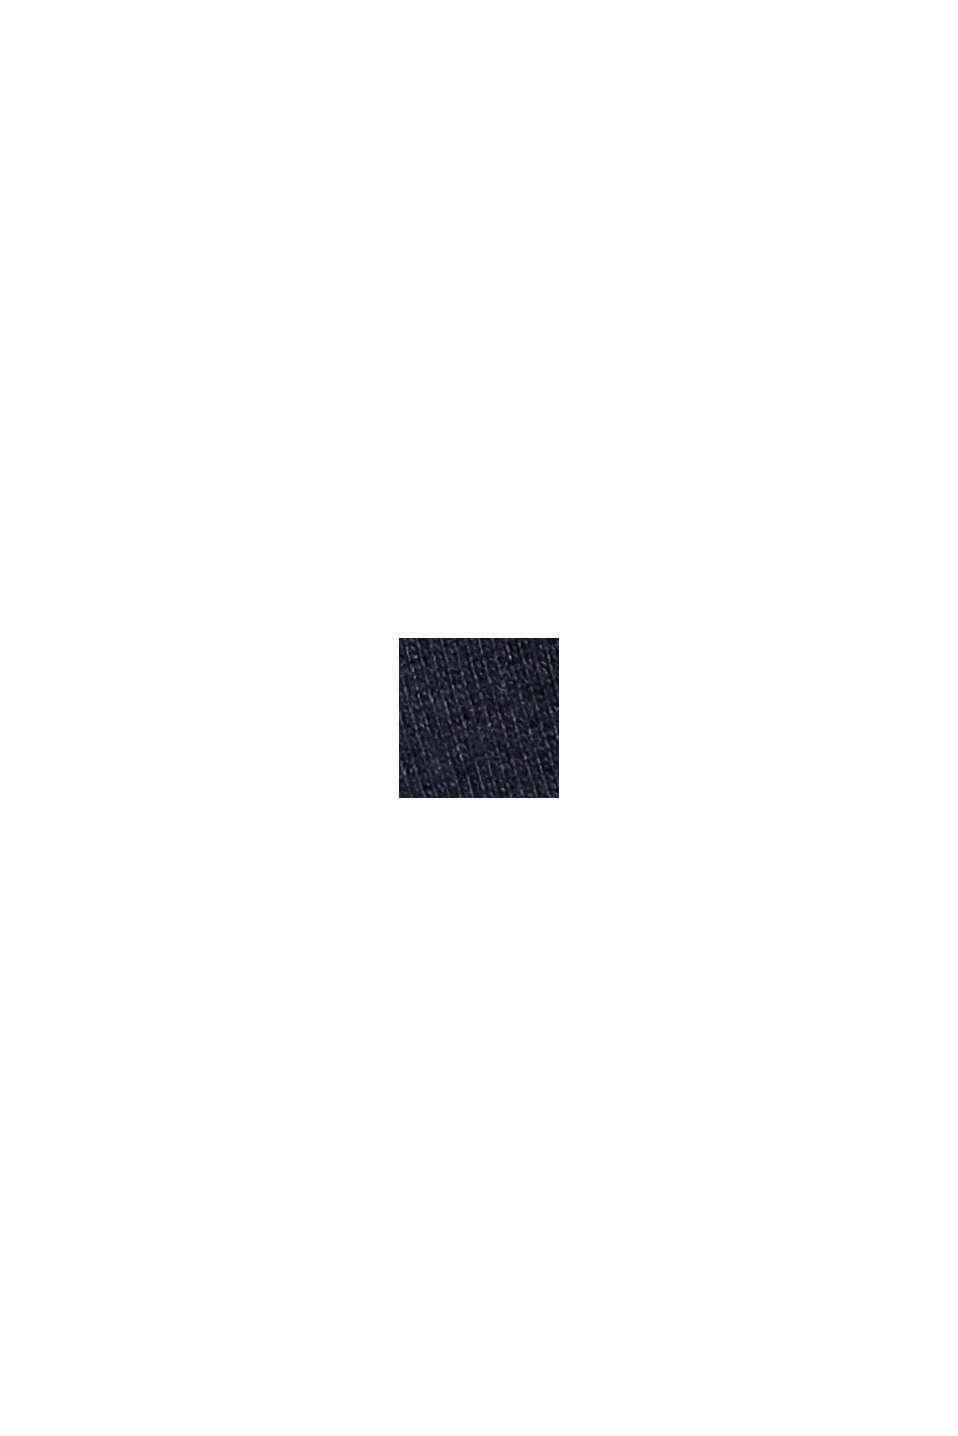 Jersey nachthemd van 100% biologisch katoen, NAVY, swatch